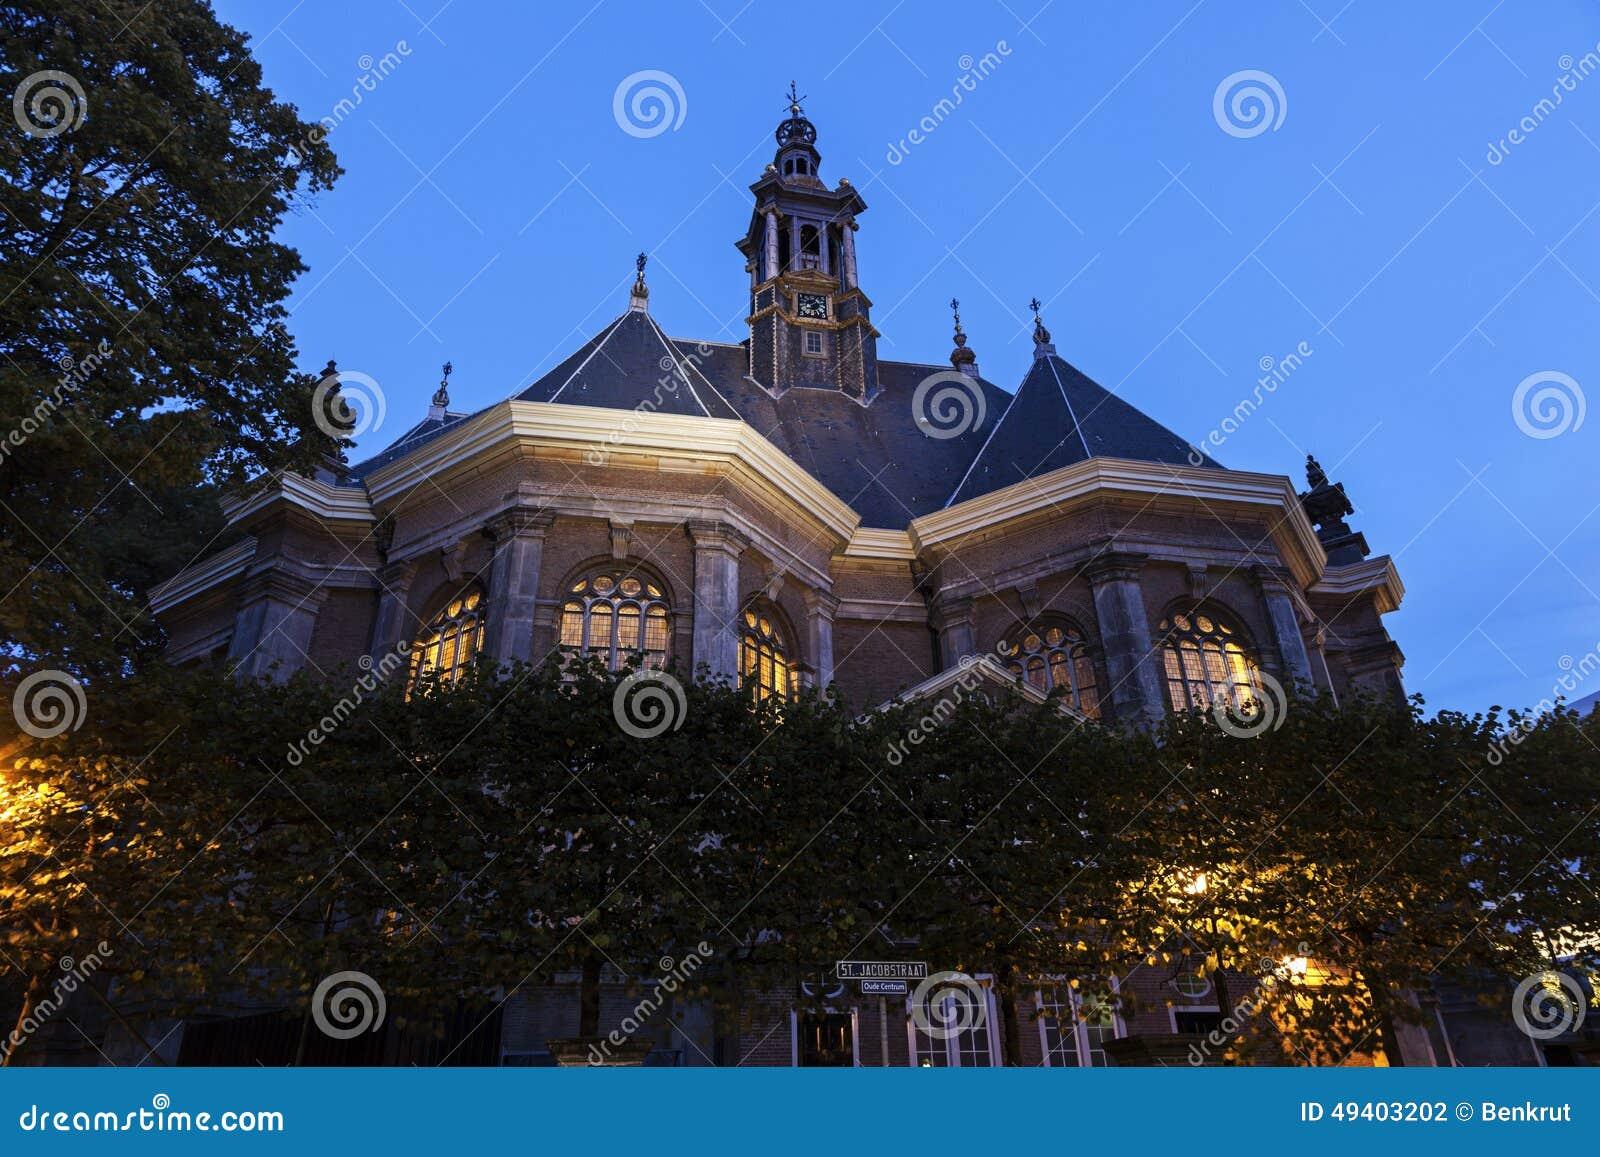 Download Die neue Kirche stockfoto. Bild von süd, holland, hague - 49403202